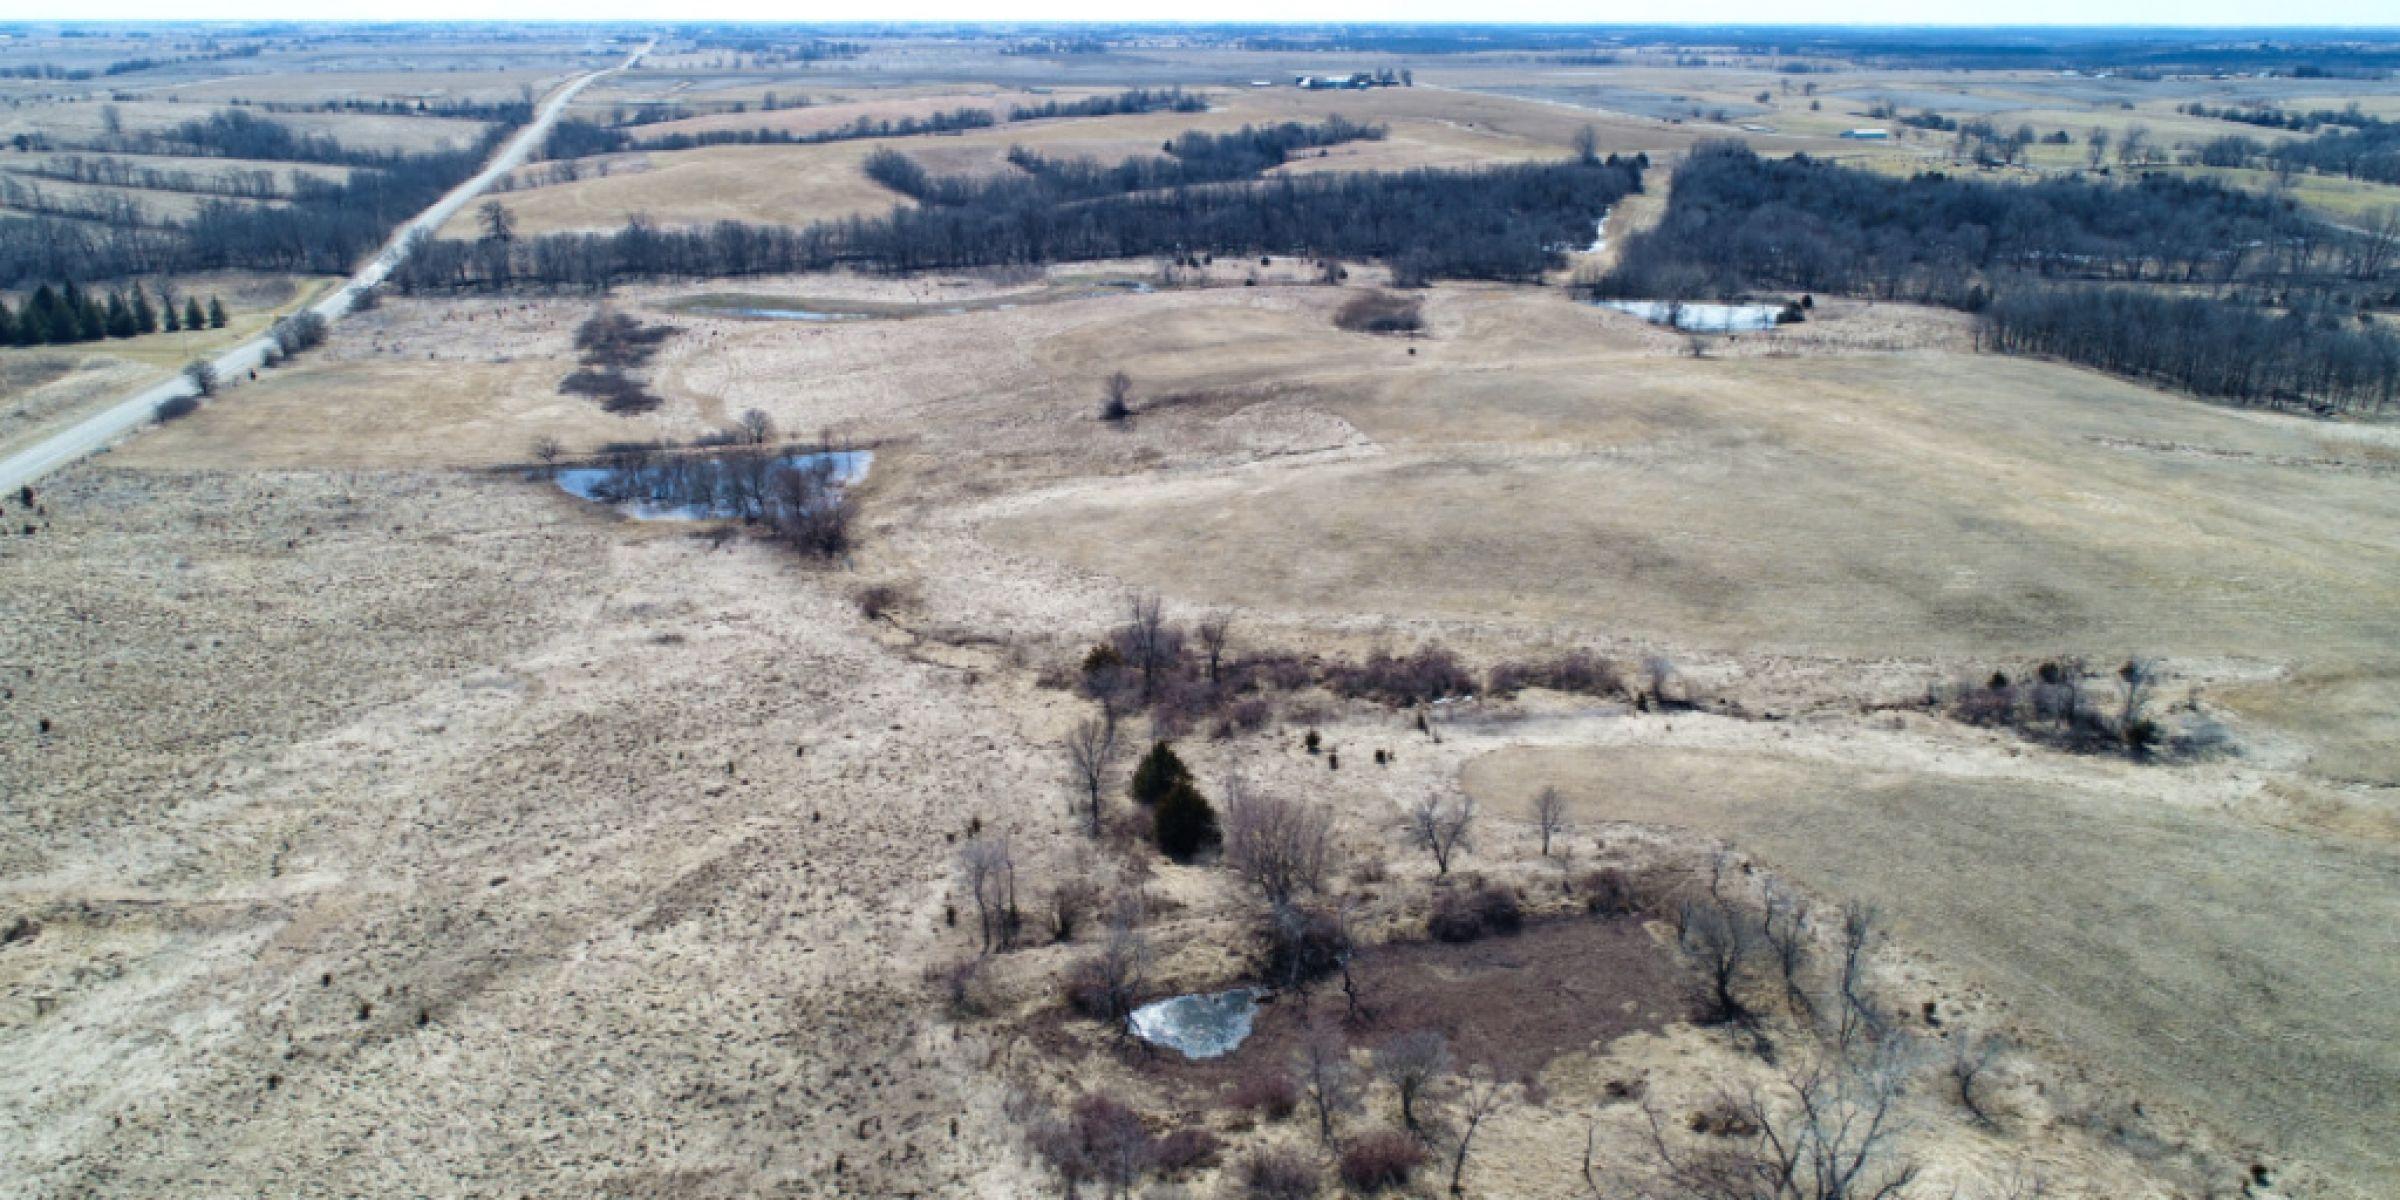 14498-80-acres-clarke-county-iowa-1-2019-04-18-233519.jpg